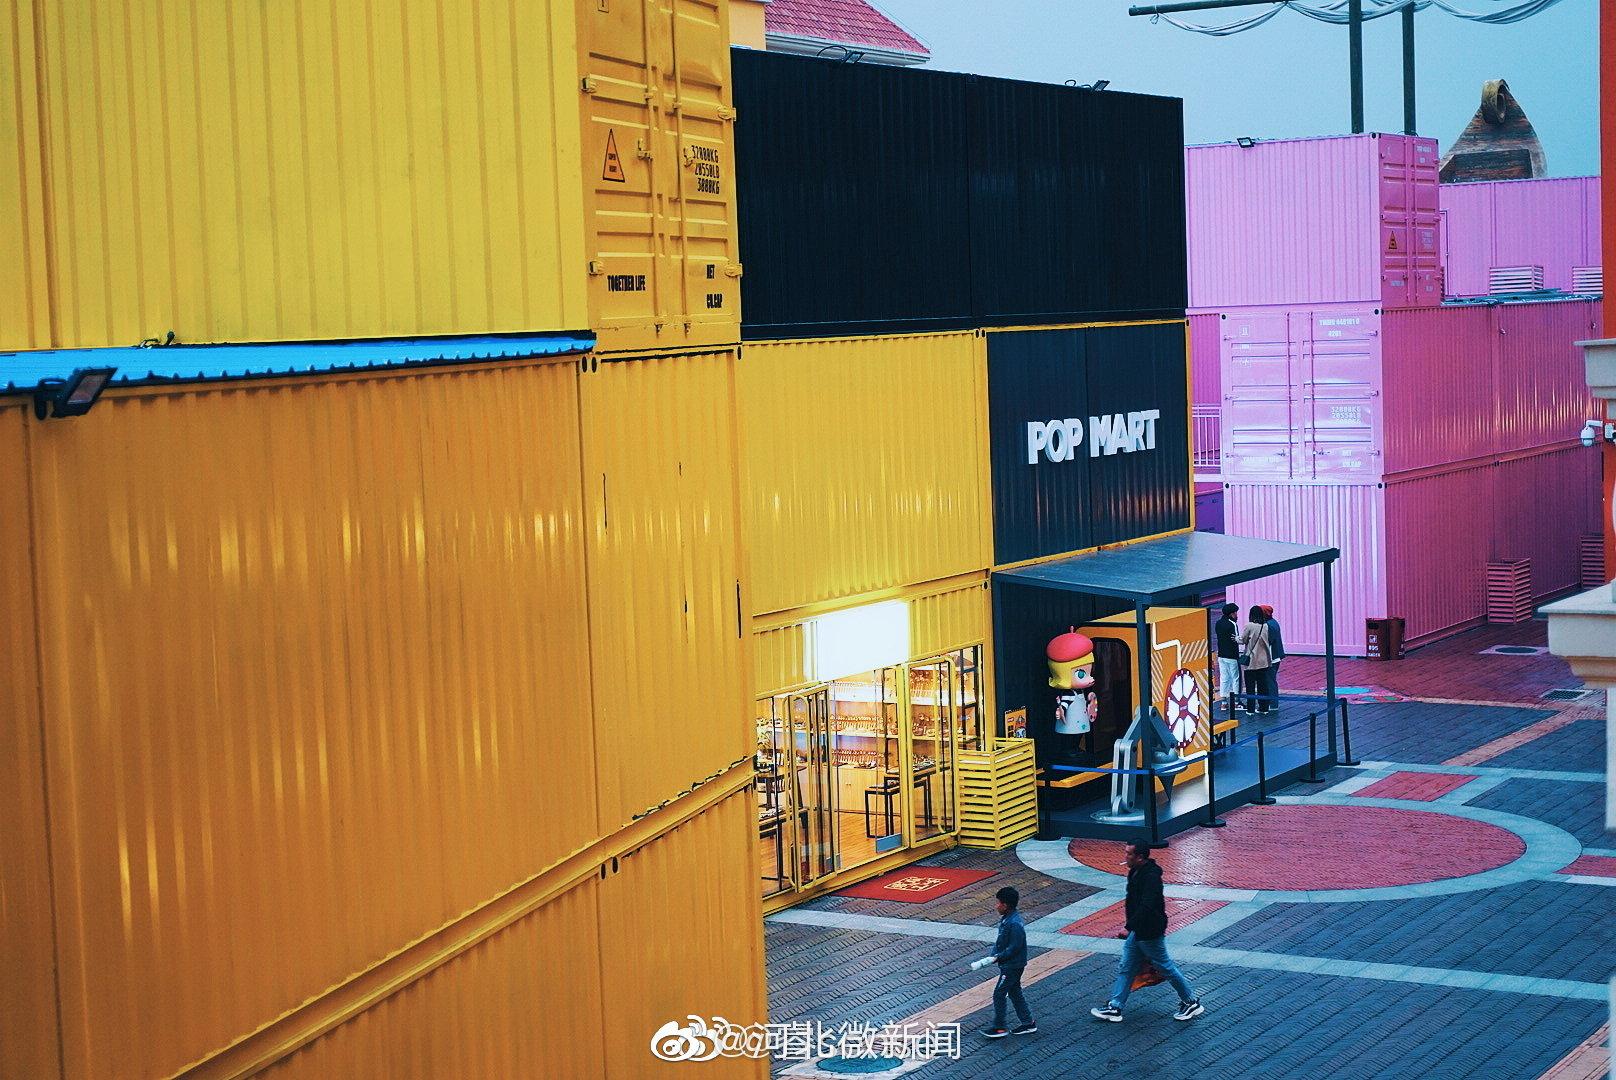 石家庄网红街区,北国奥莱集装箱小店。  (图片来自水印博主)